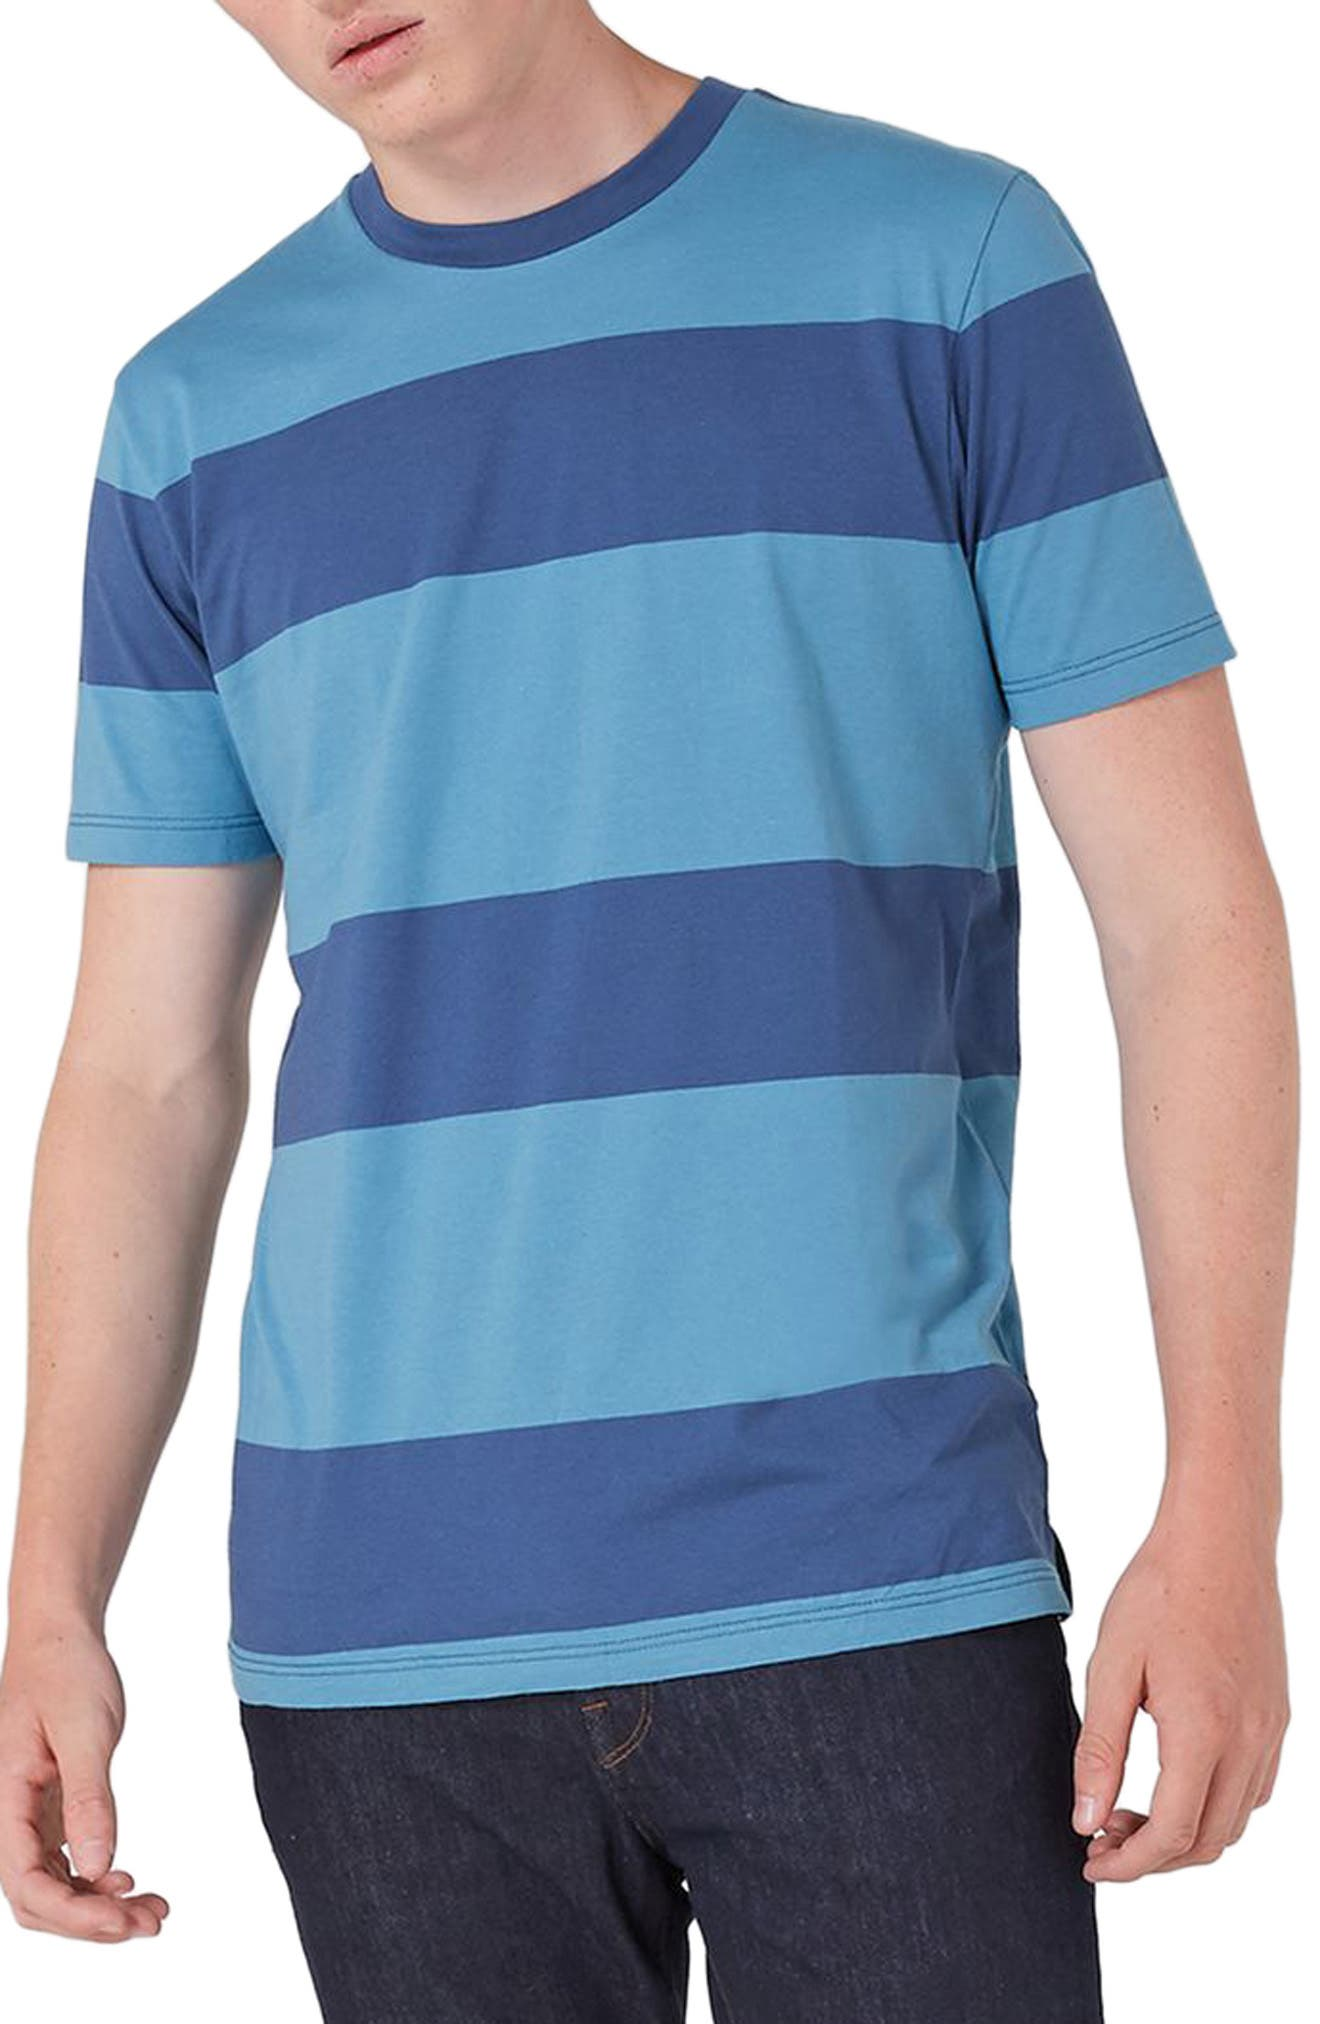 Stripe T-Shirt,                             Main thumbnail 1, color,                             401